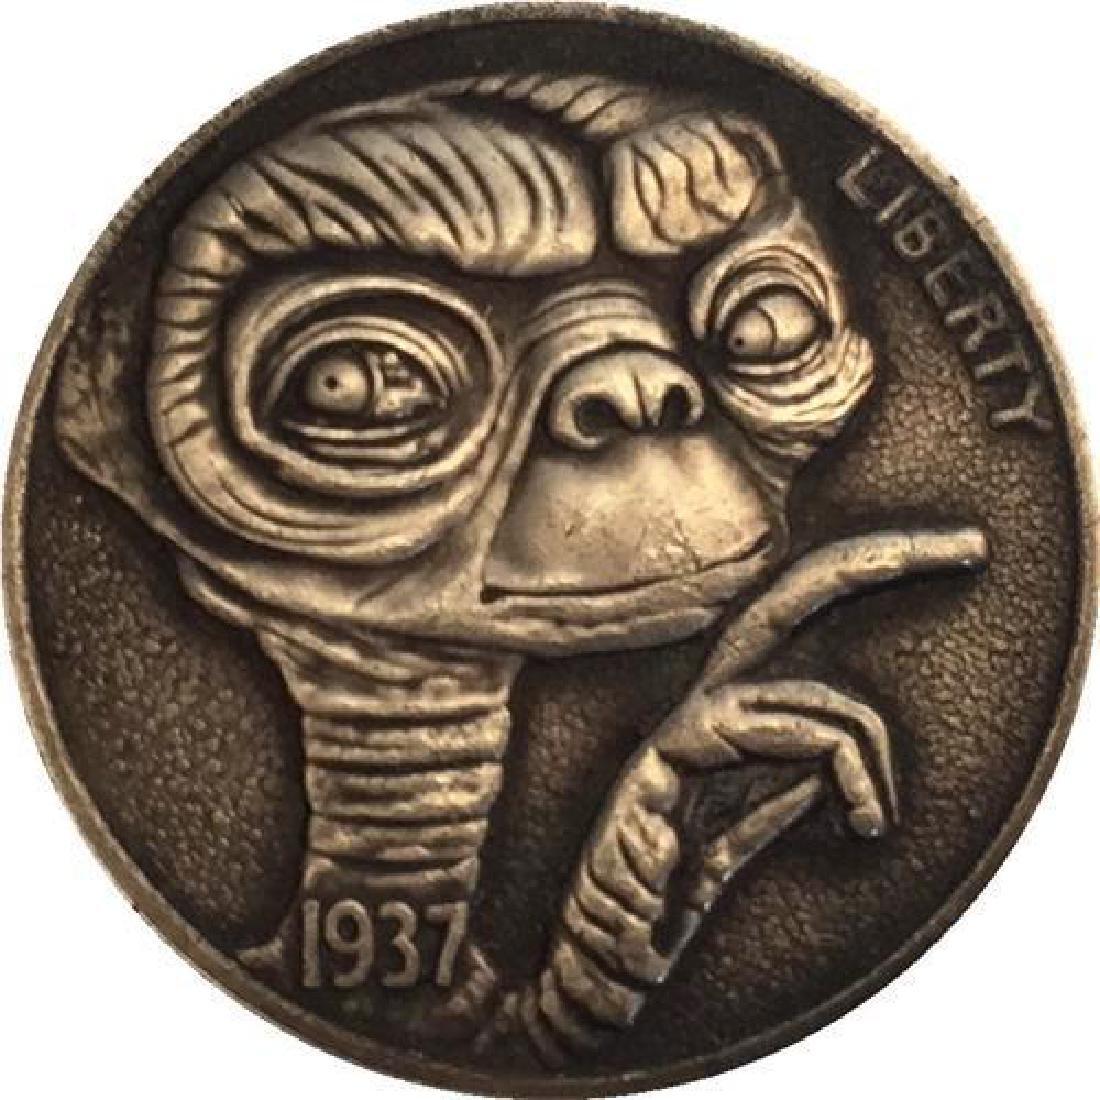 1937 E.T. Extraterrestrial Buffalo Nickel Coin